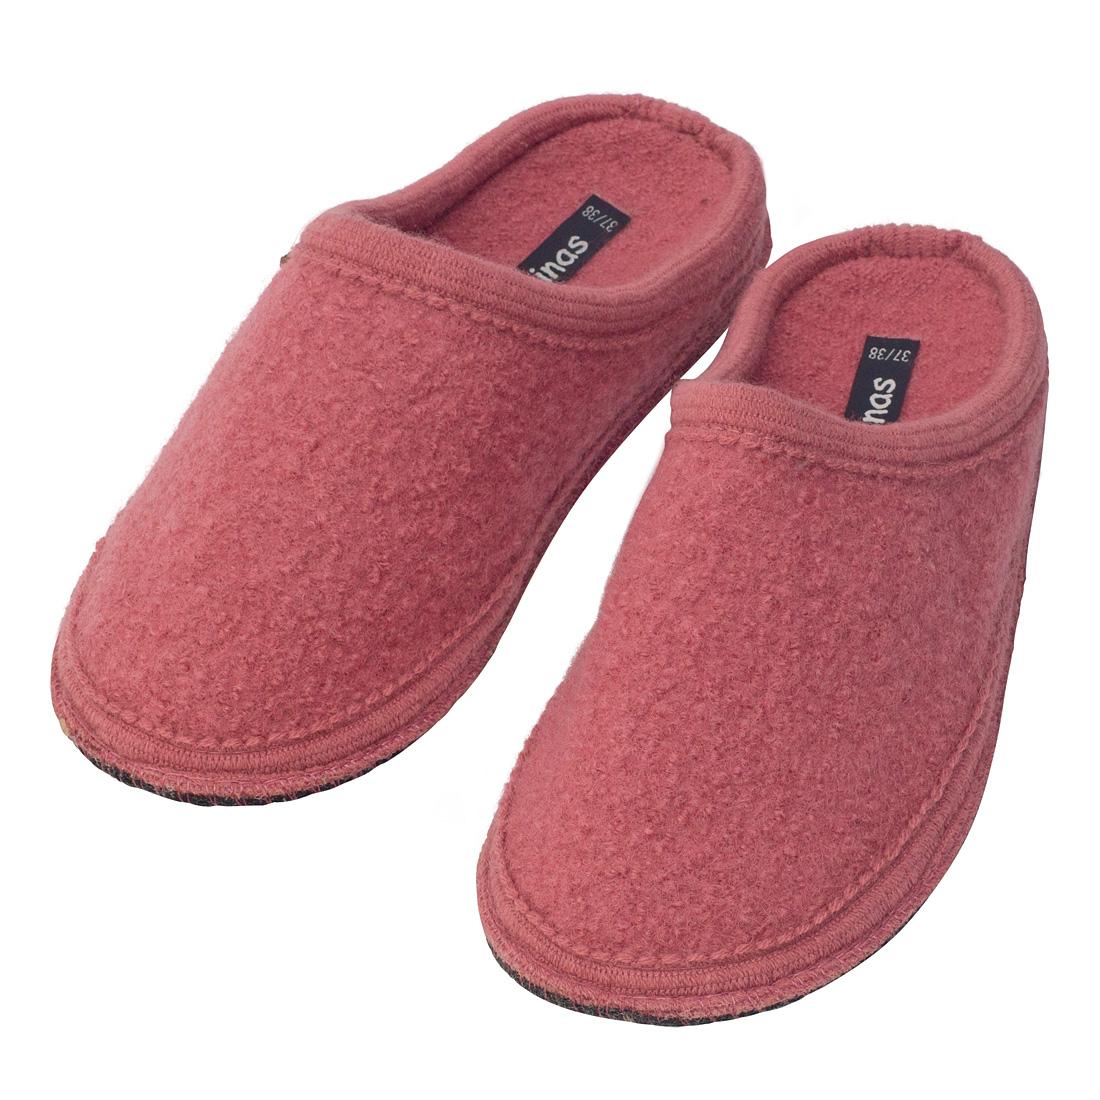 new product ad52a eff44 Hausschuhe - Pantoffeln aus gewalkter Schafwolle Altrosa